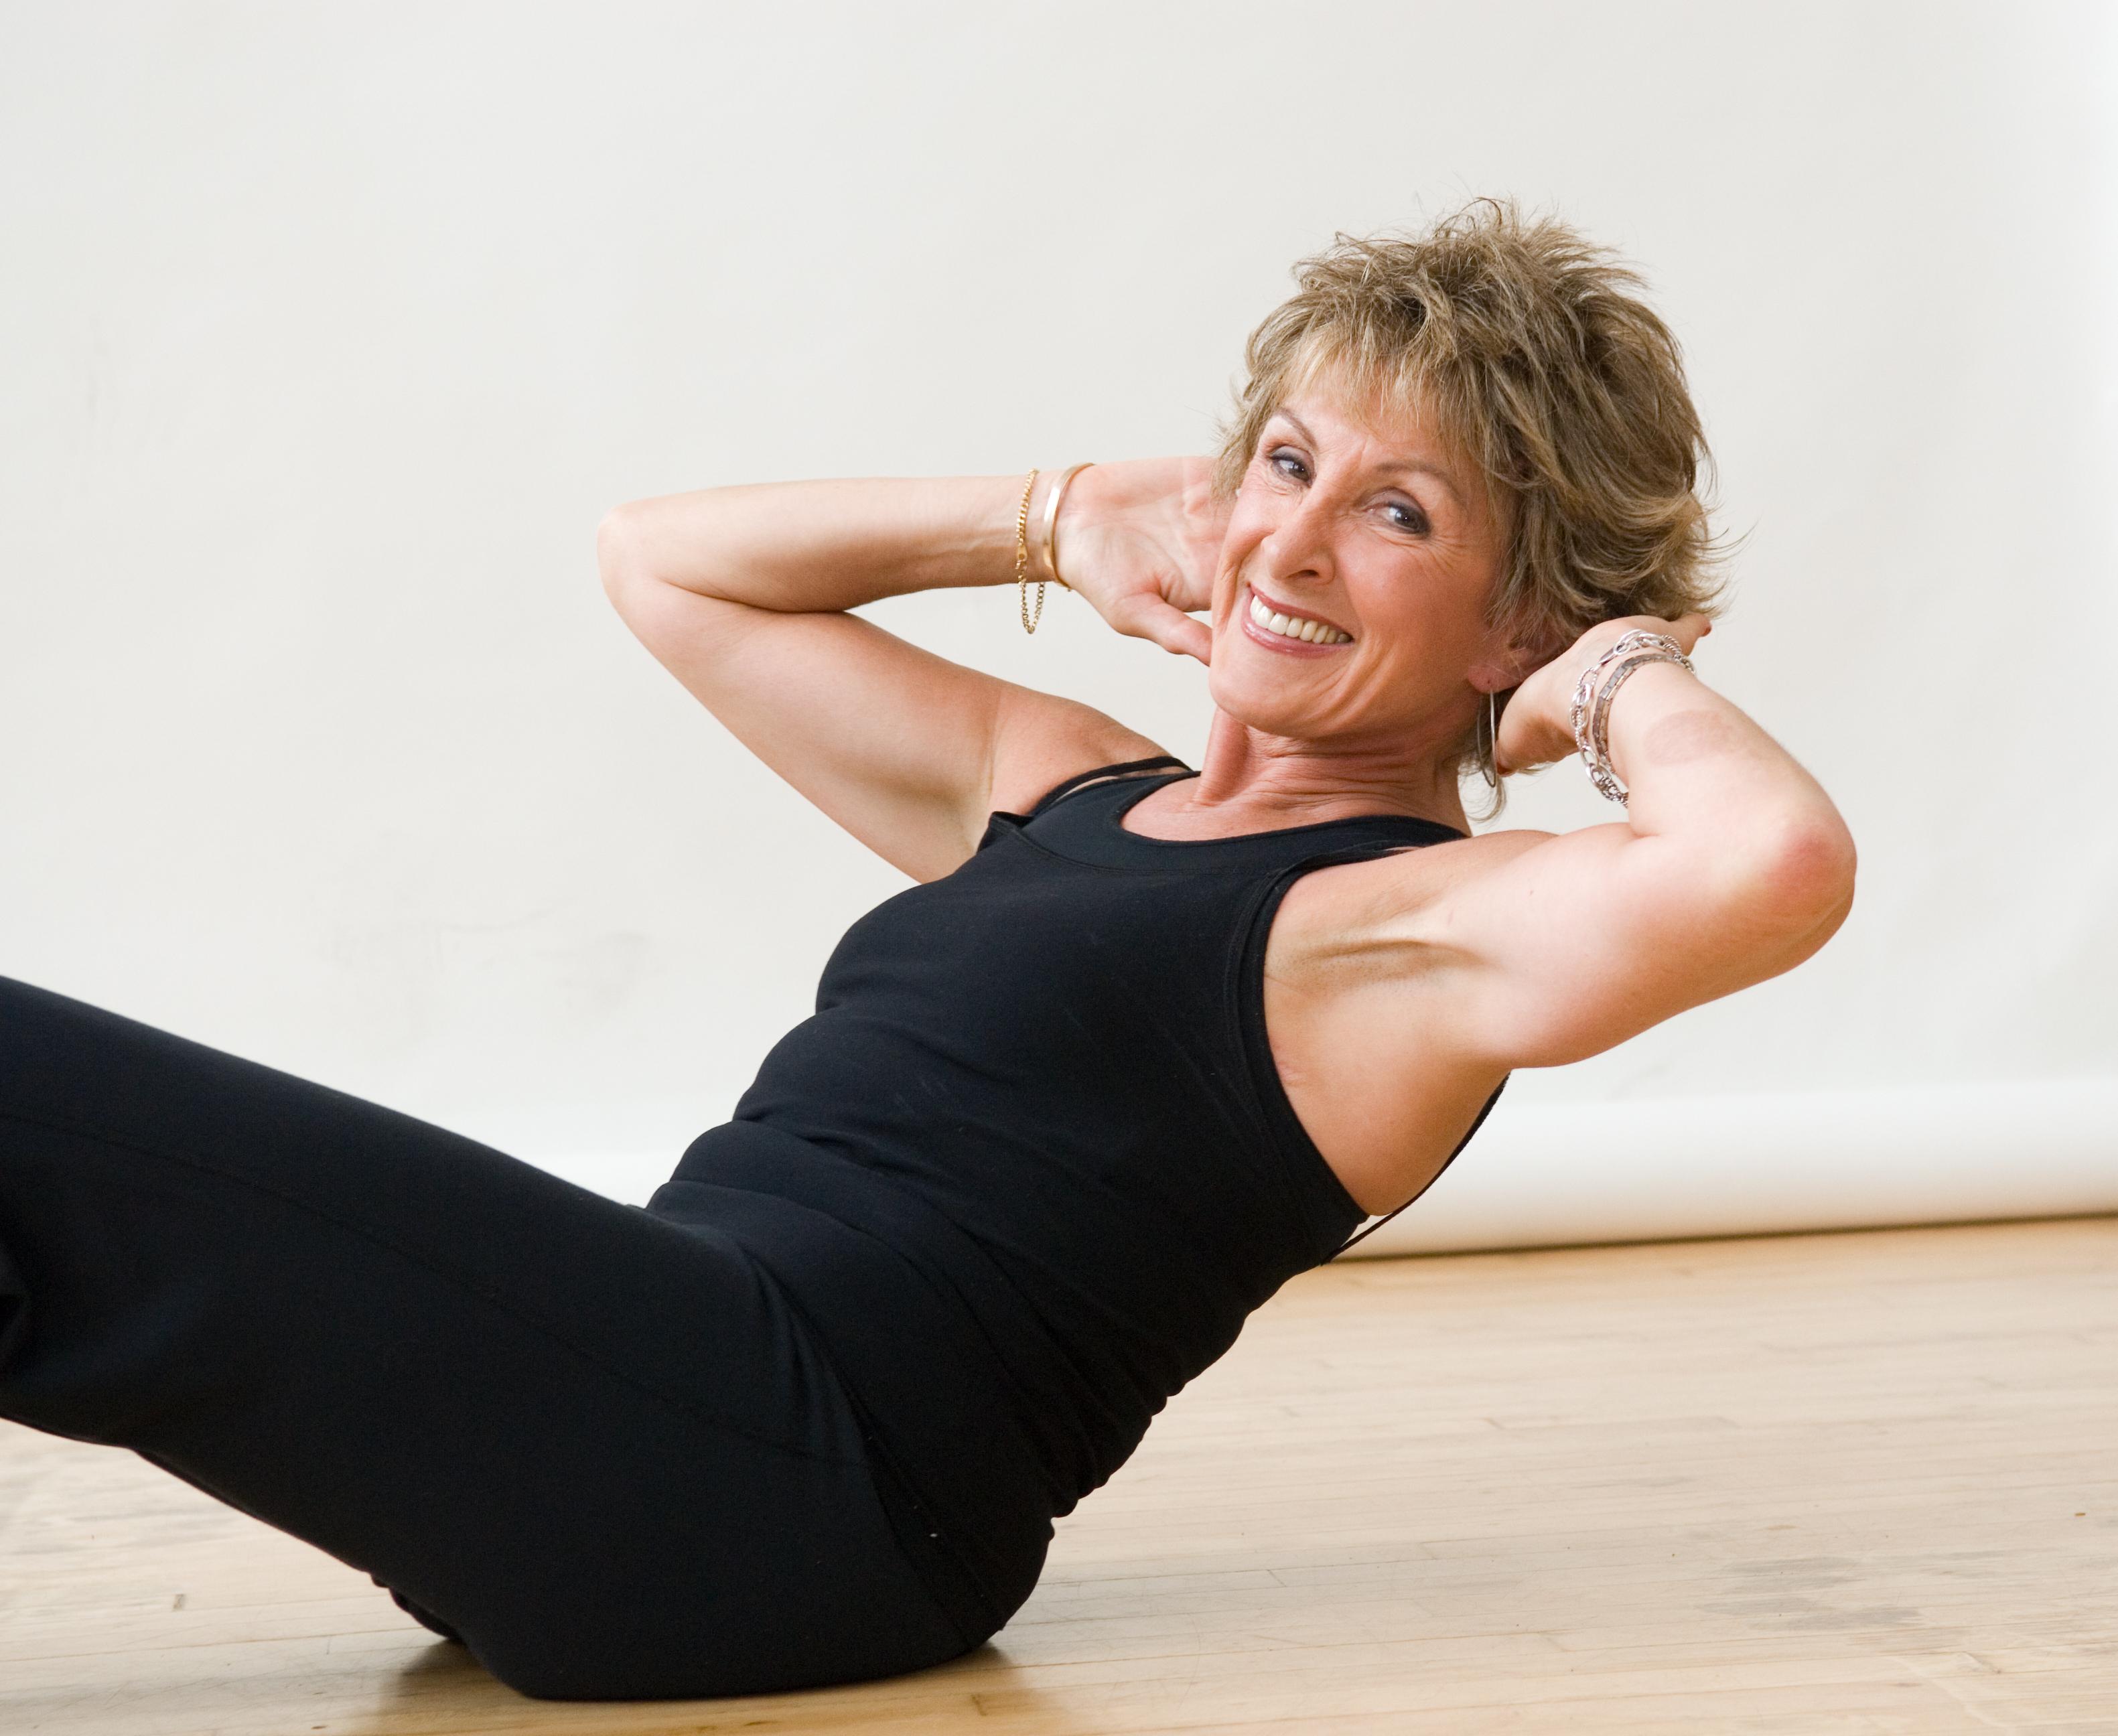 Чтобы В 60 Лет Похудеть. Реальные советы: как избавиться от возрастного жира женщине после 60 лет